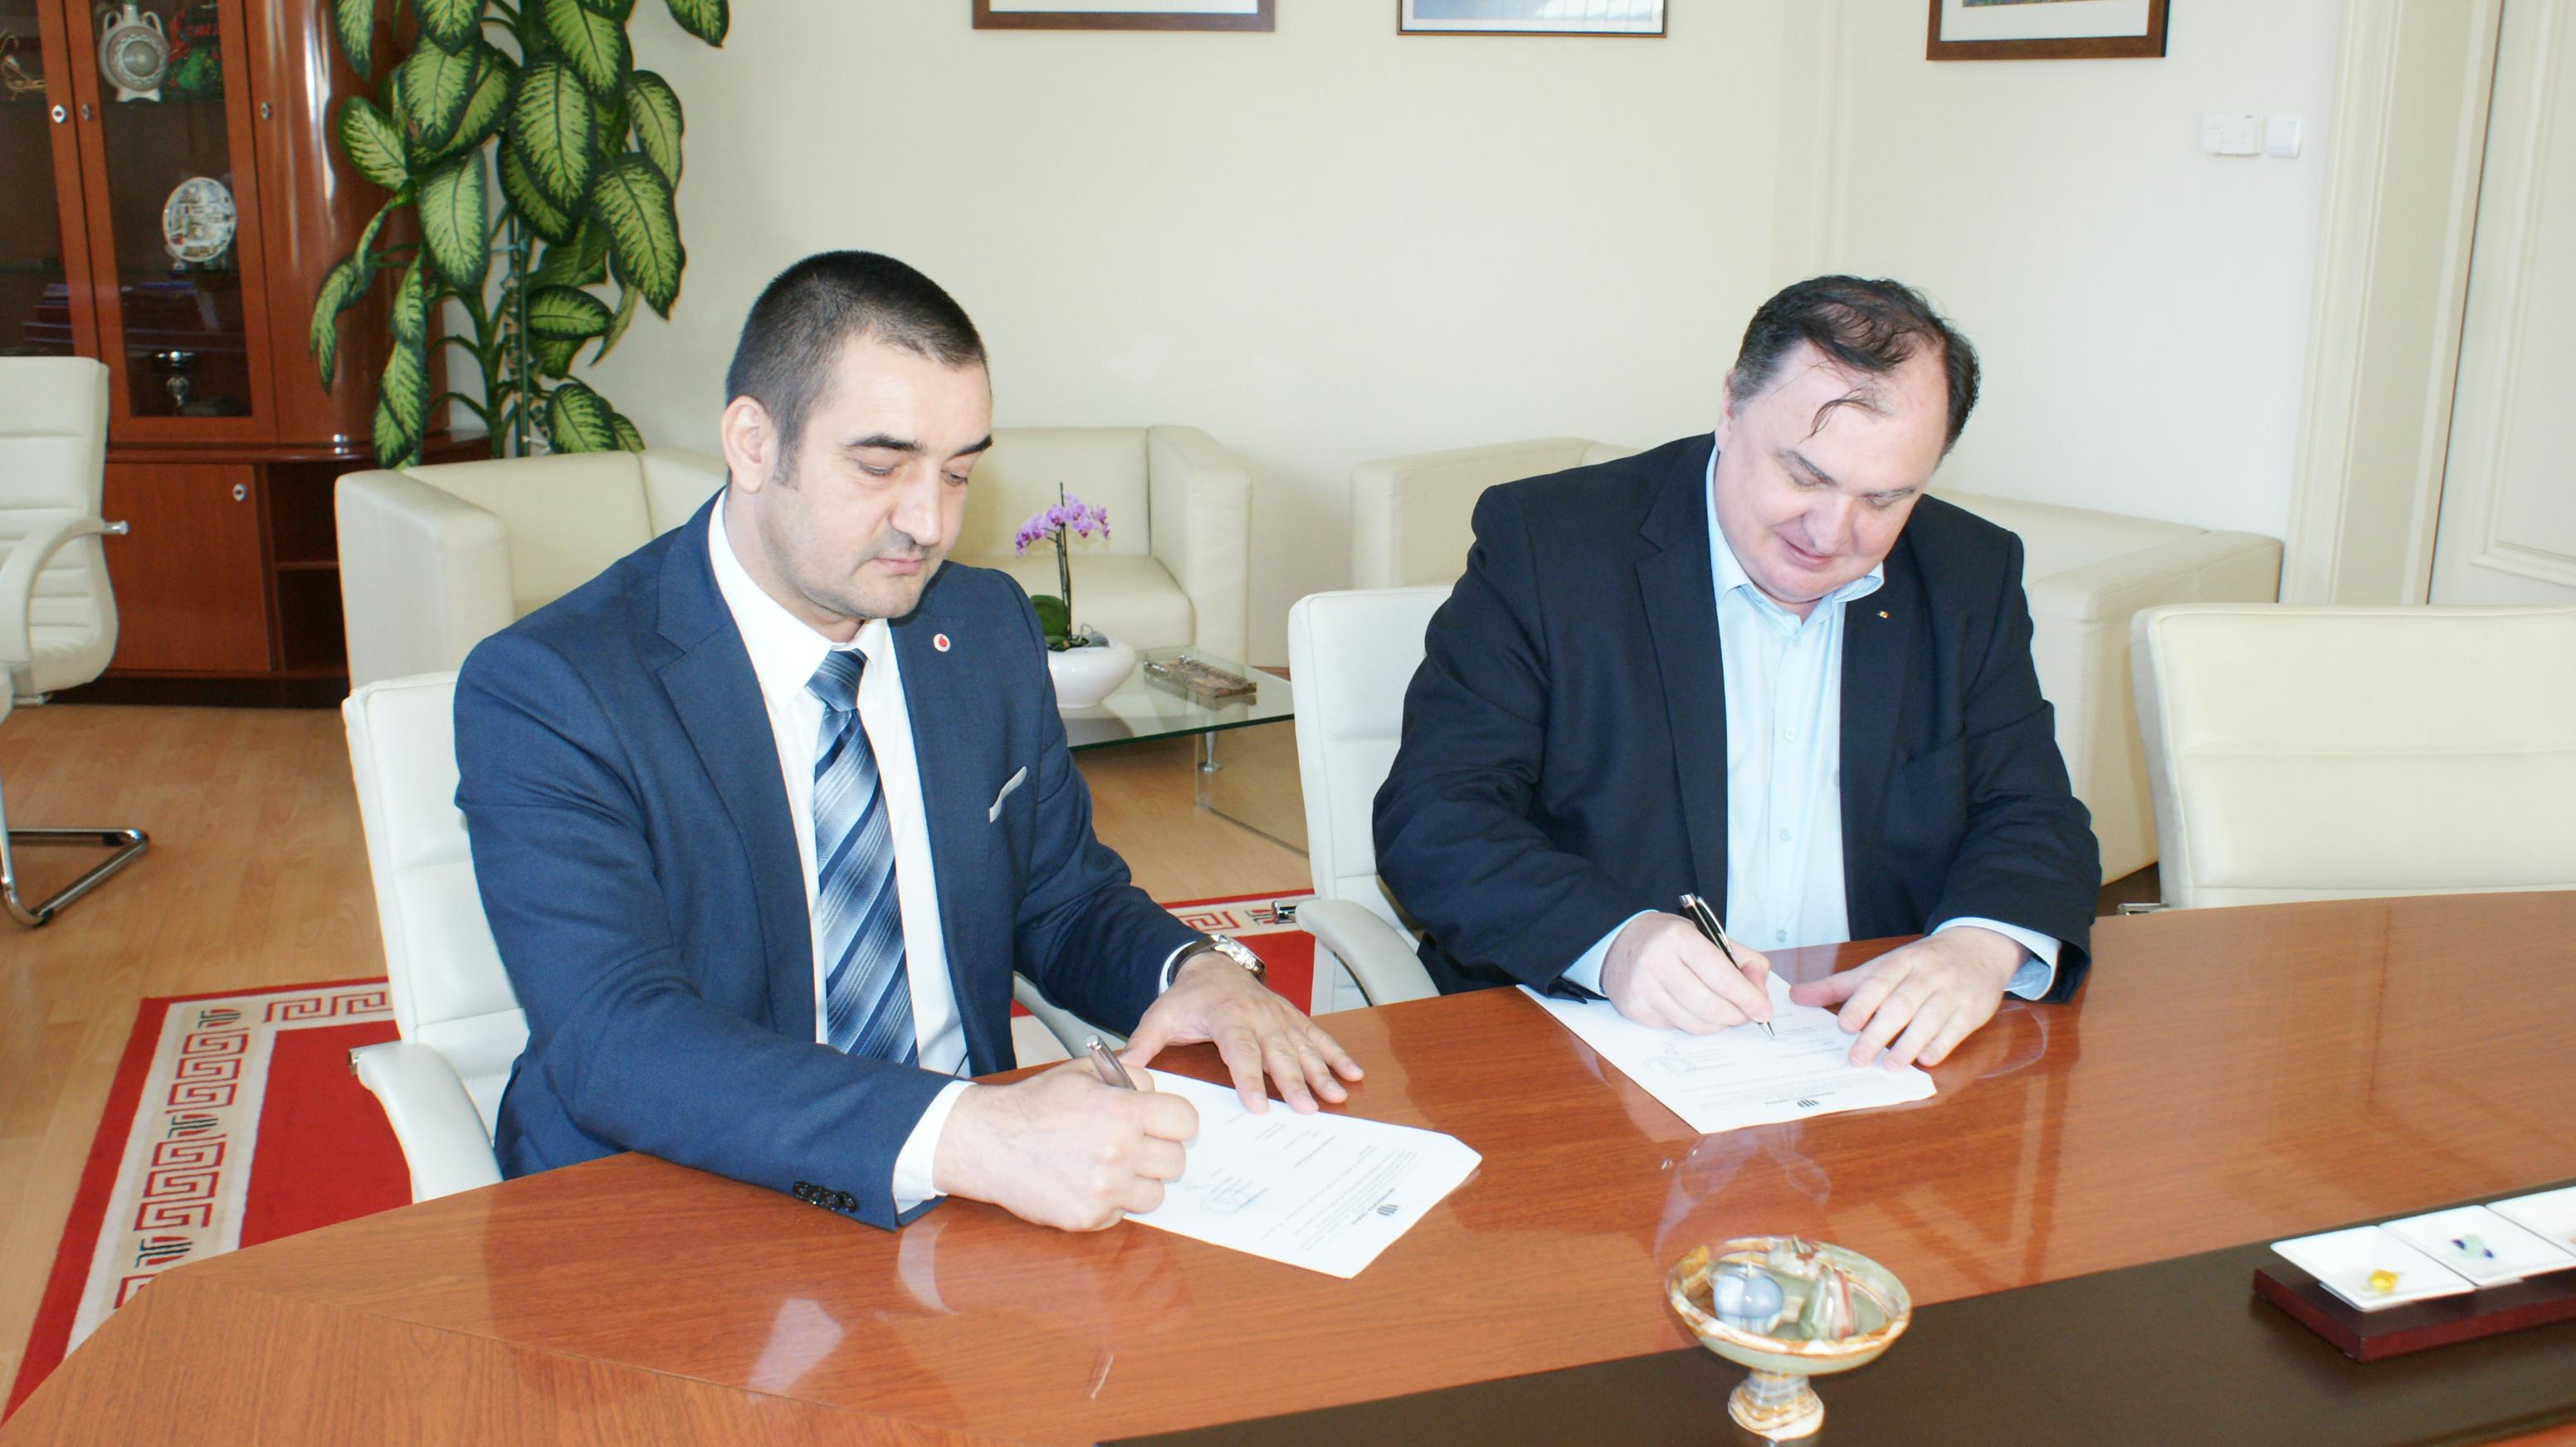 utcn a semnat un parteneriat de colaborare cu vodafone romania